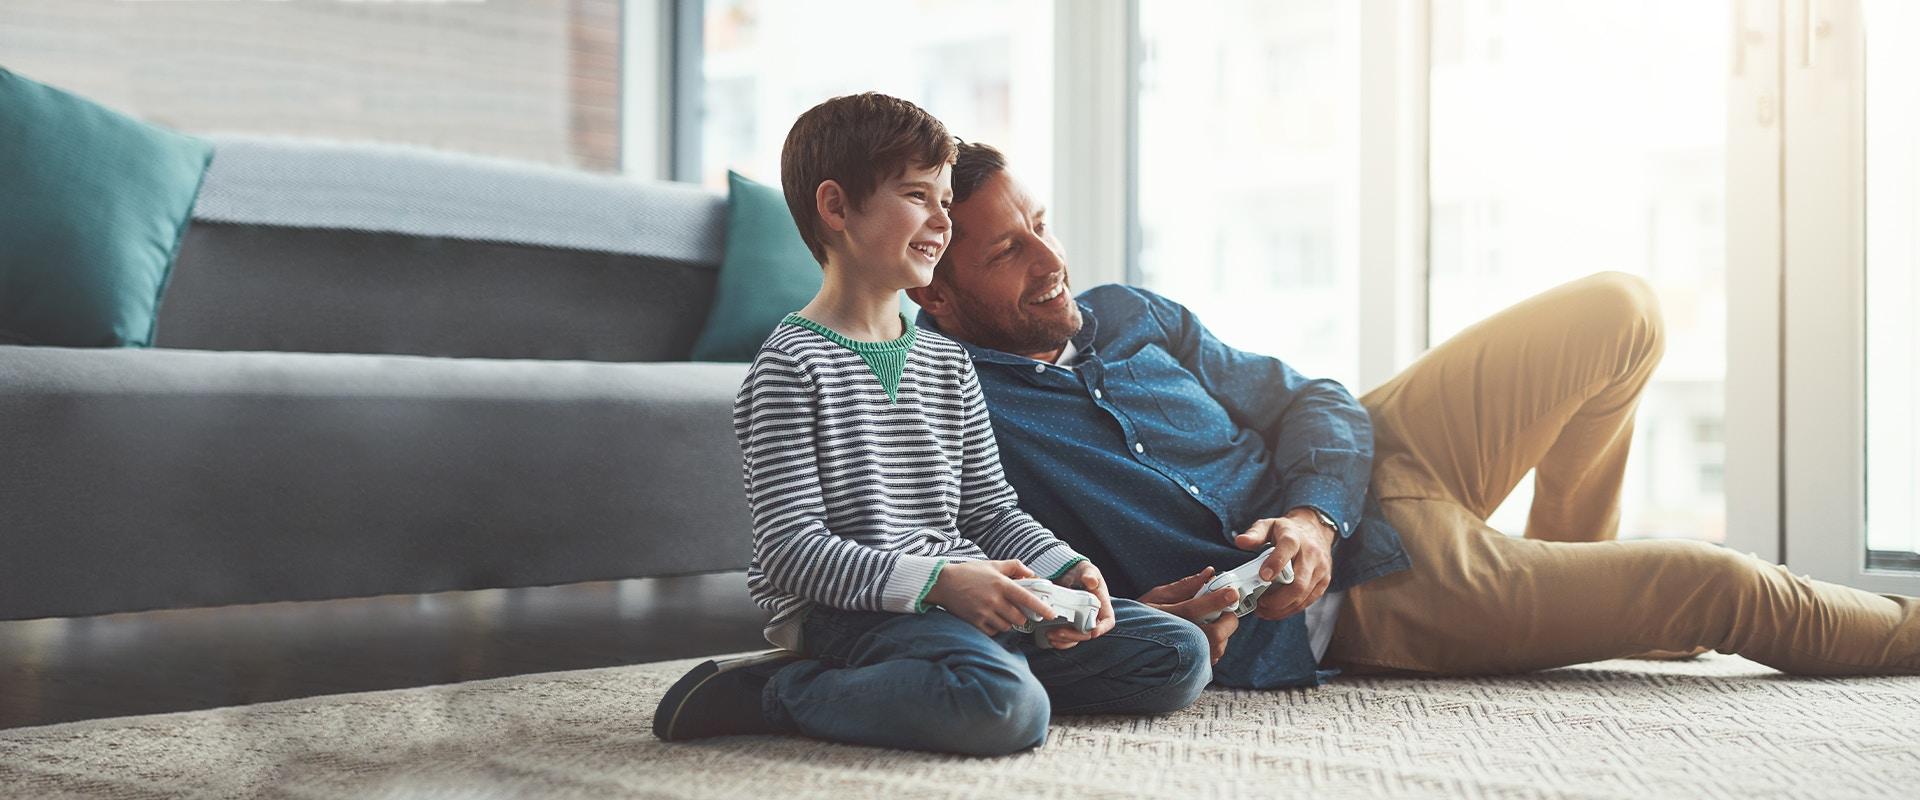 Ein Vater und sein Sohn spielen Playstation